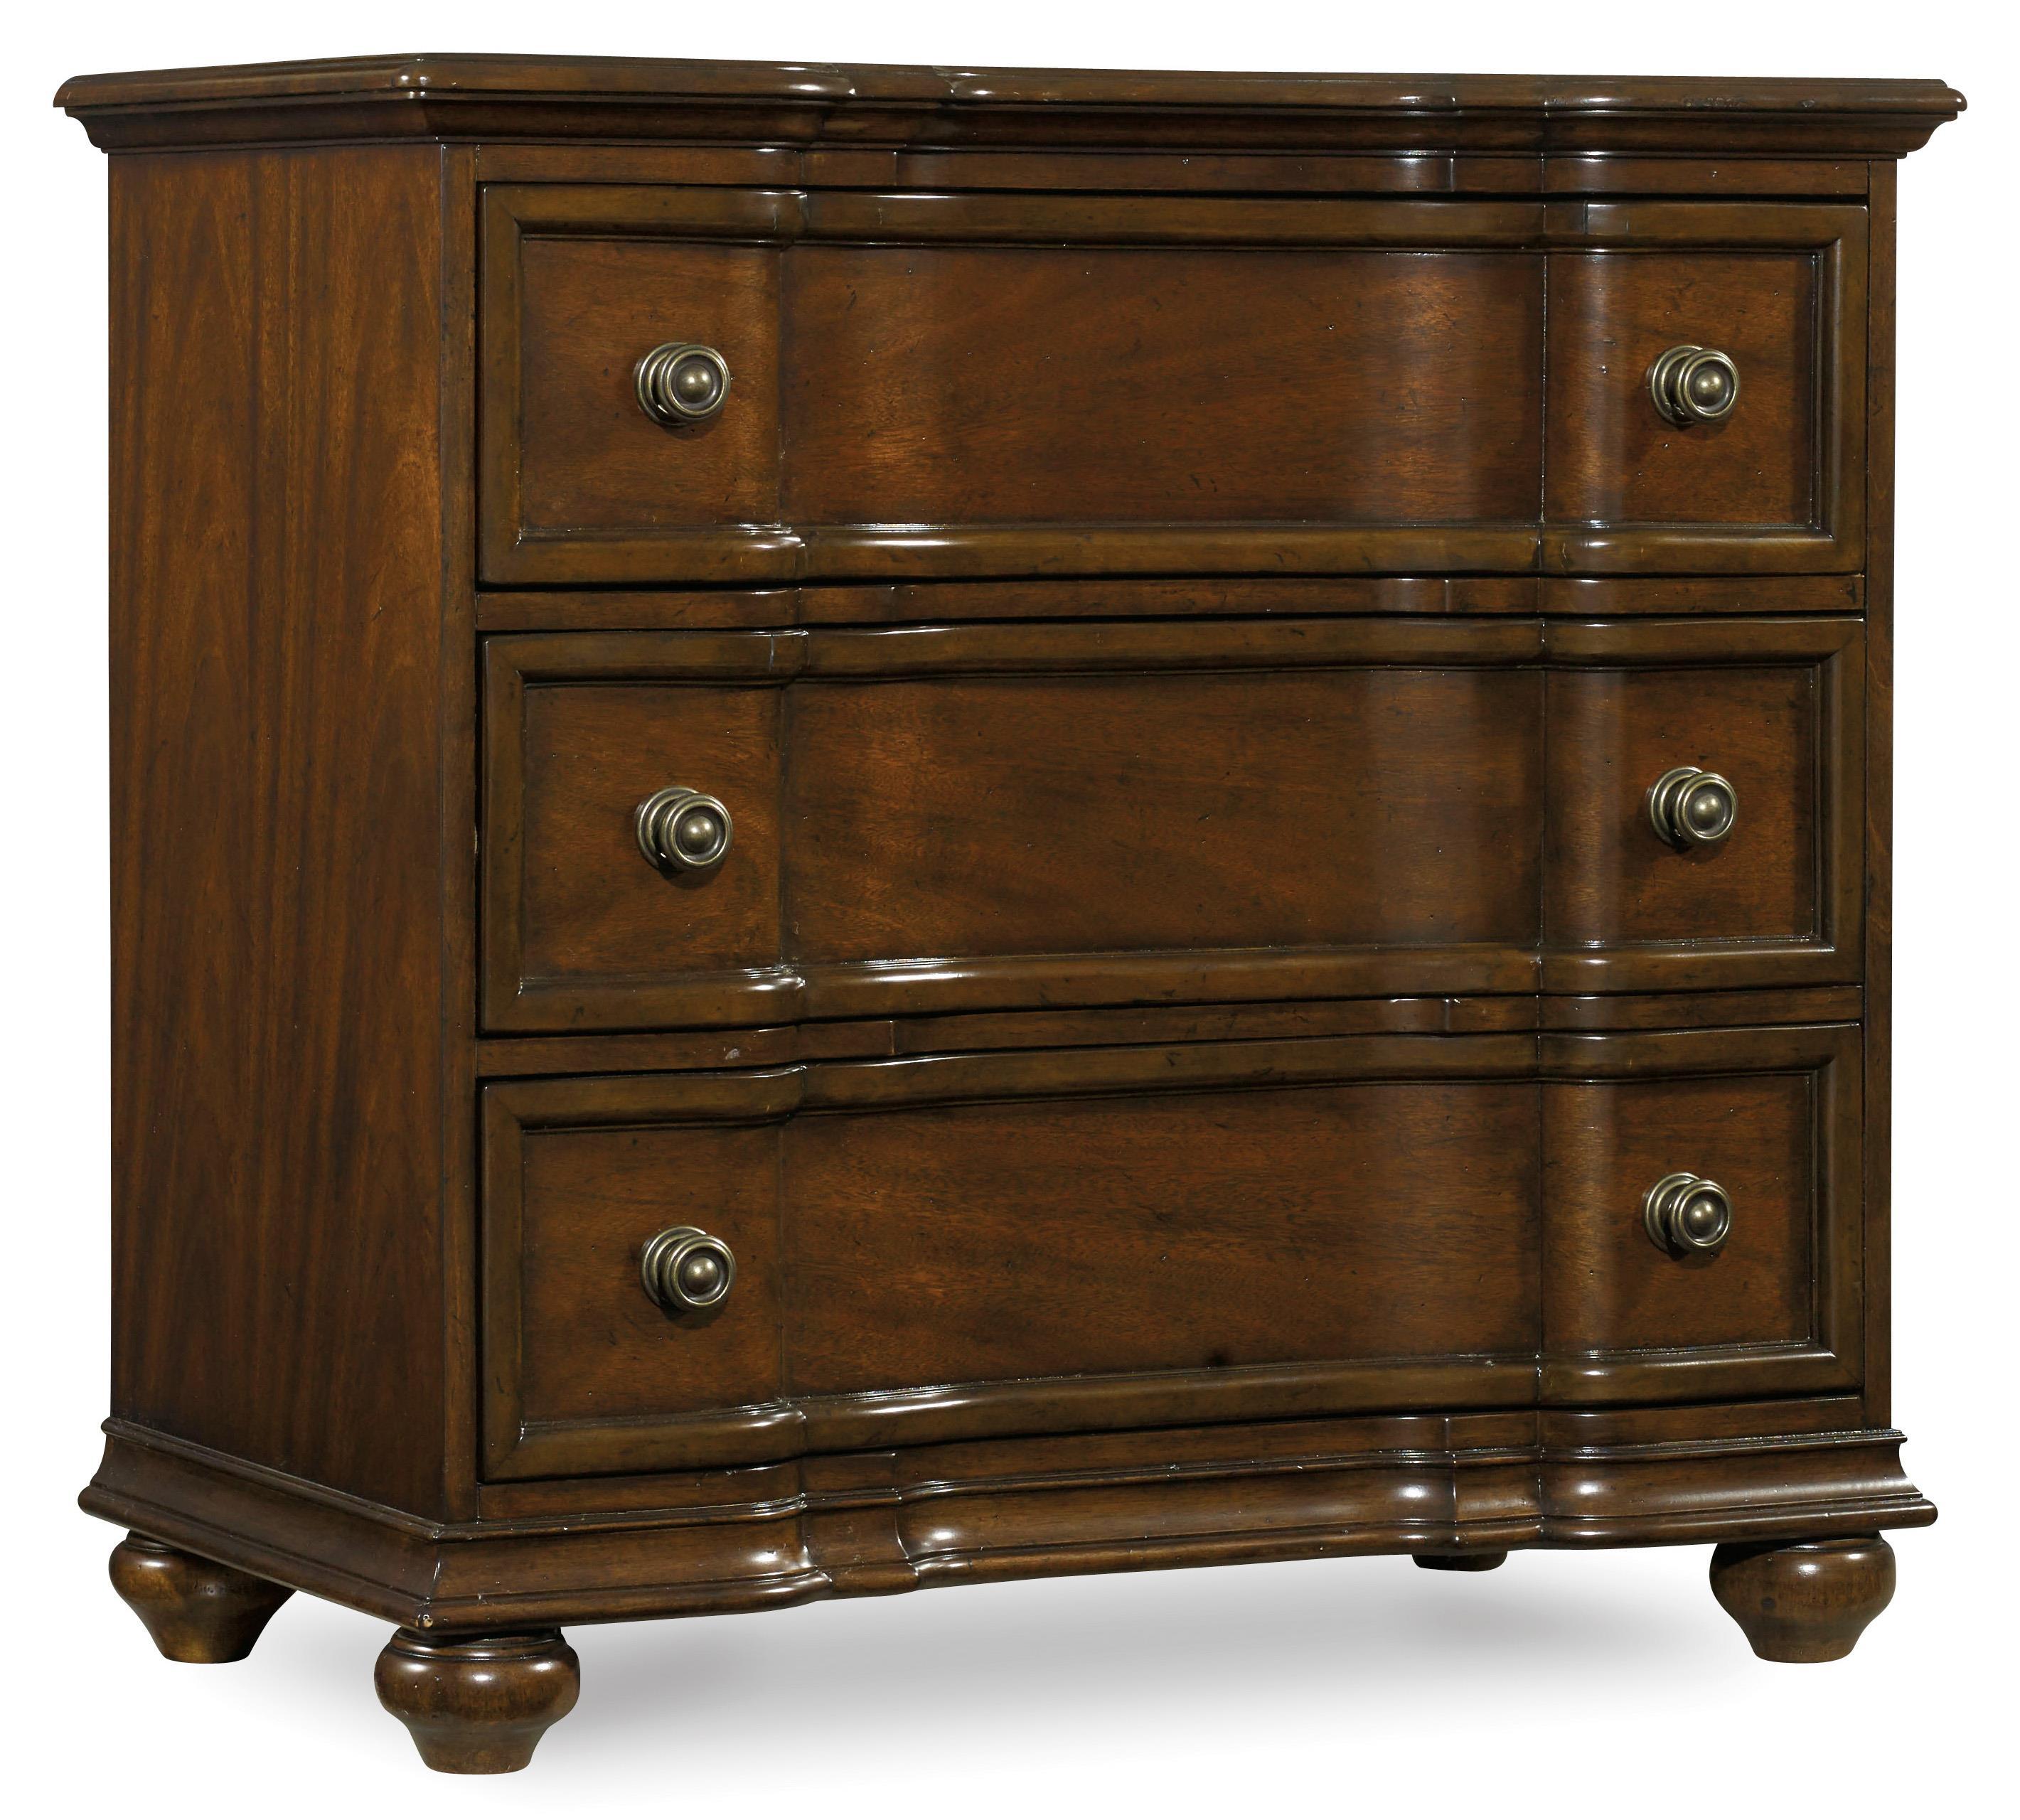 Hooker Furniture Leesburg Bachelor's Chest - Item Number: 5381-90017